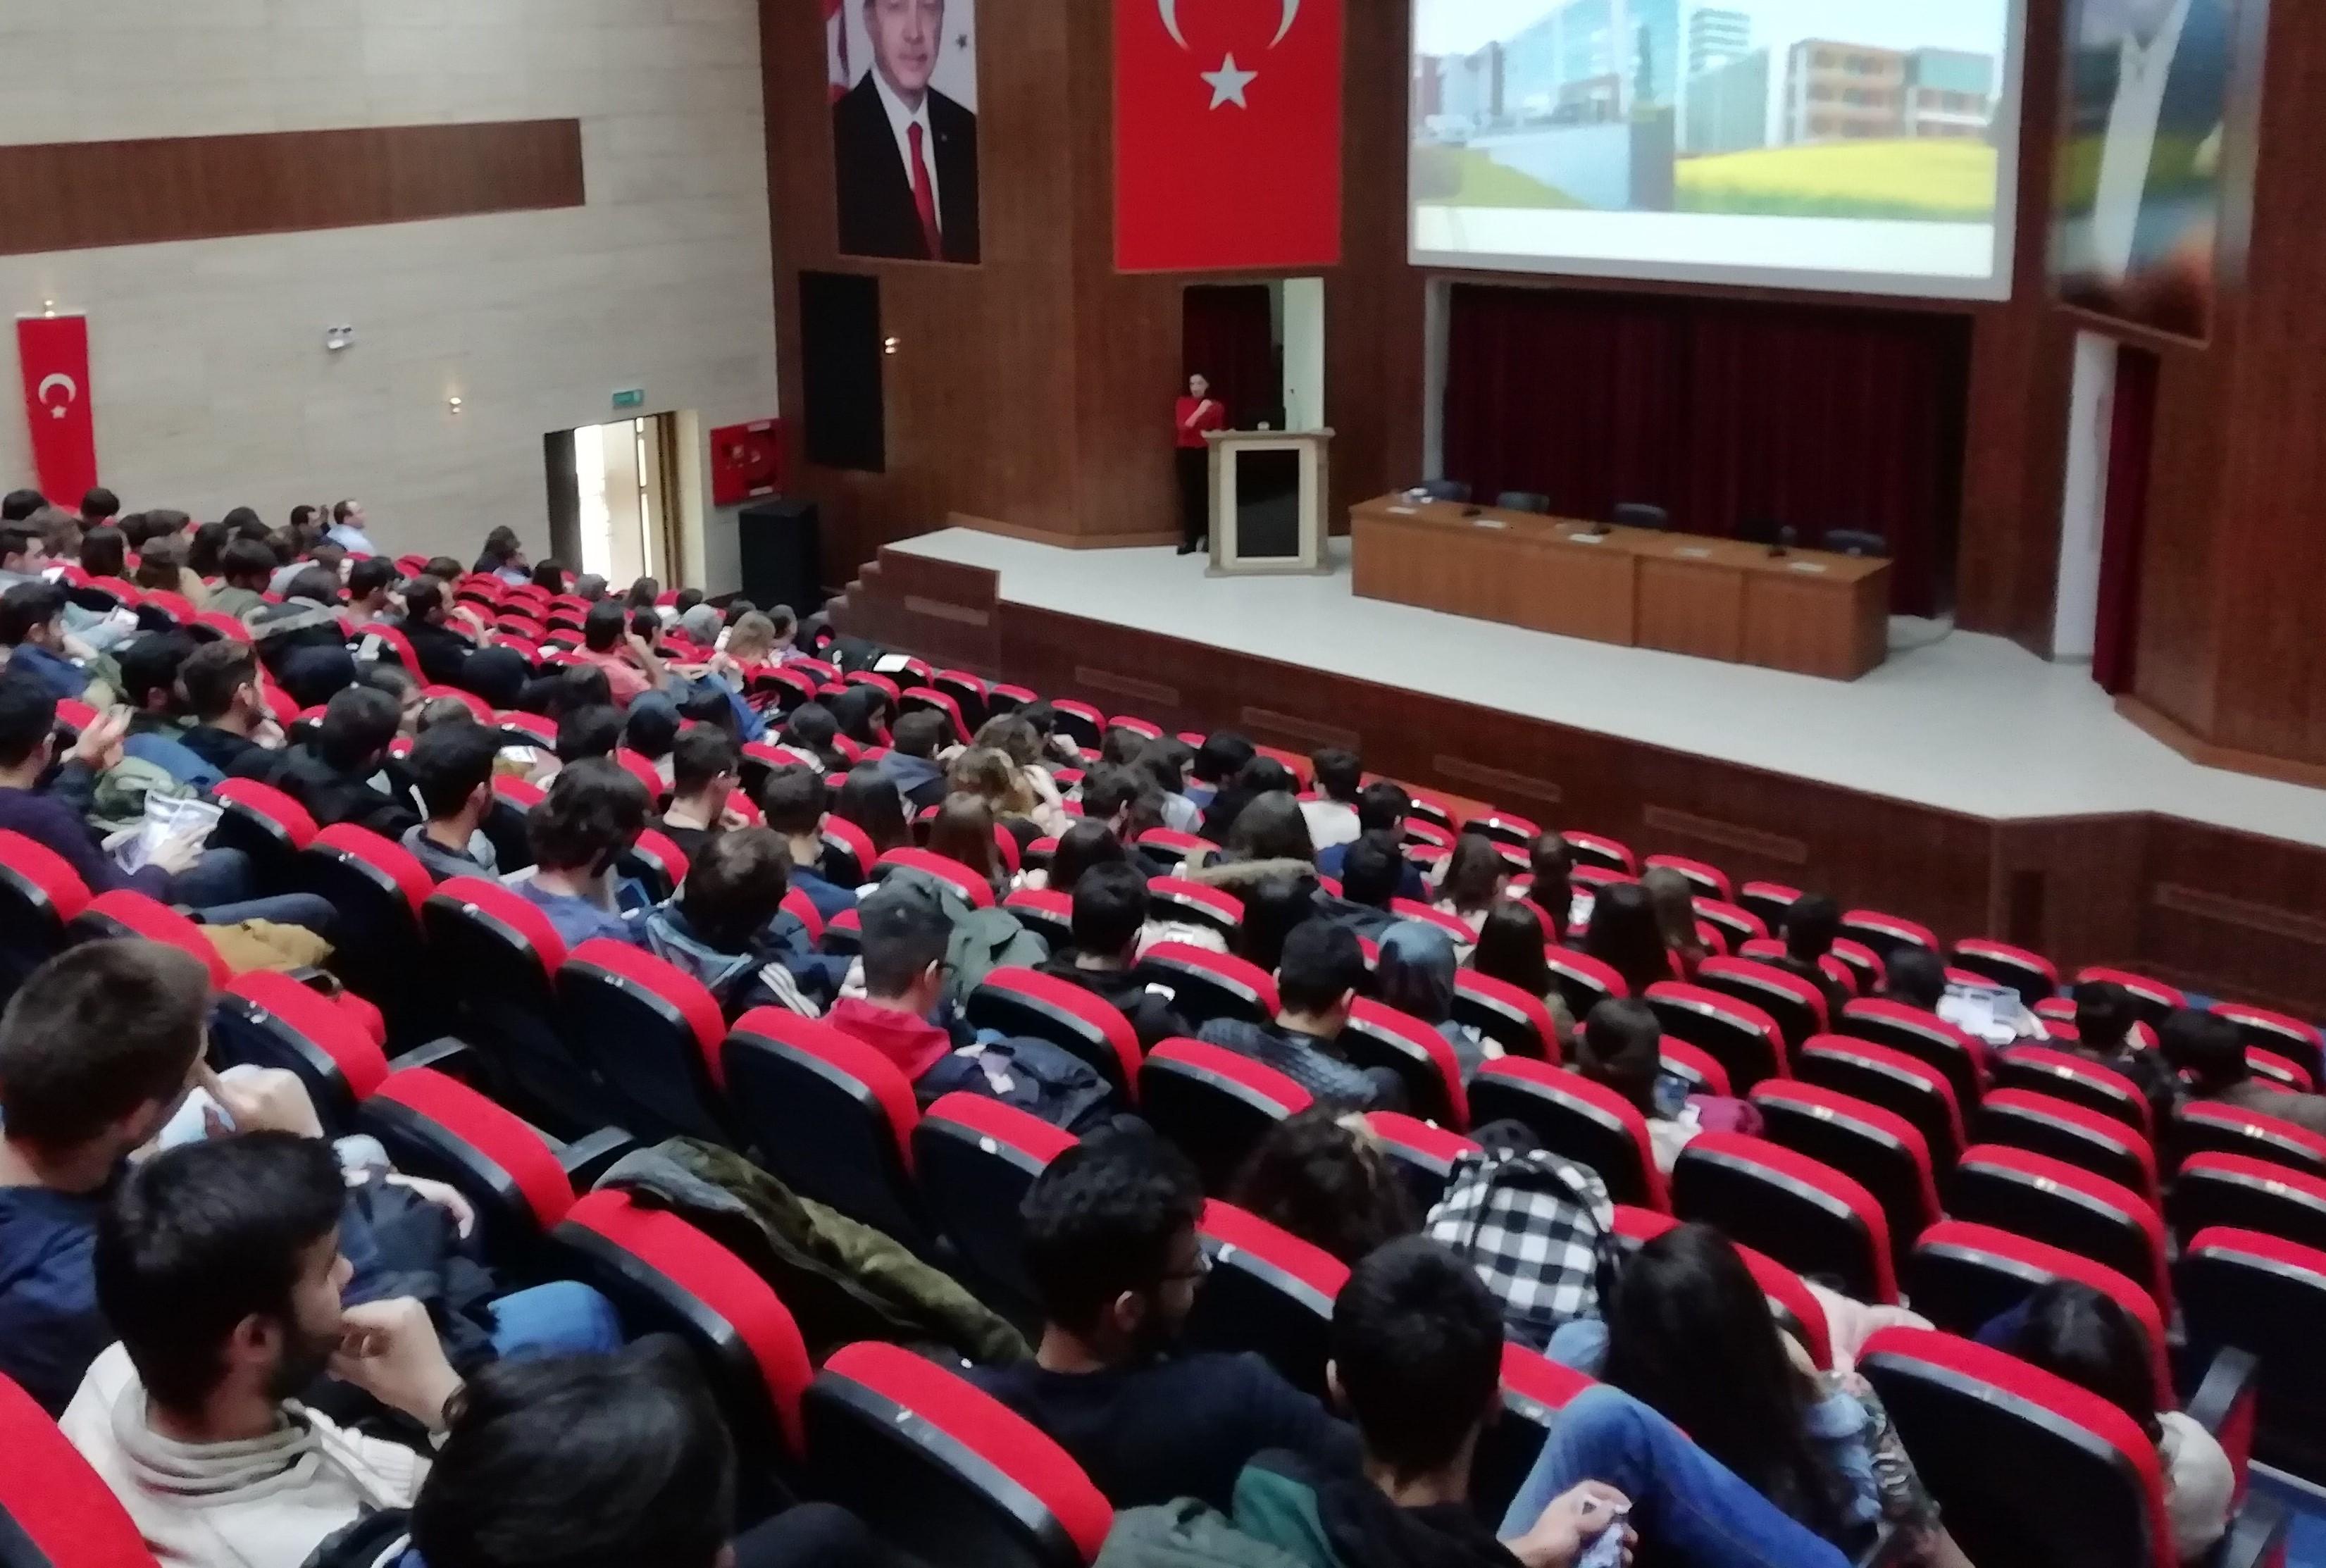 Sağlık Hizmetleri Meslek Yüksekokulu ve Yabancı Diller Yüksekokulunda Kariyer Eğitimleri Düzenlendi.